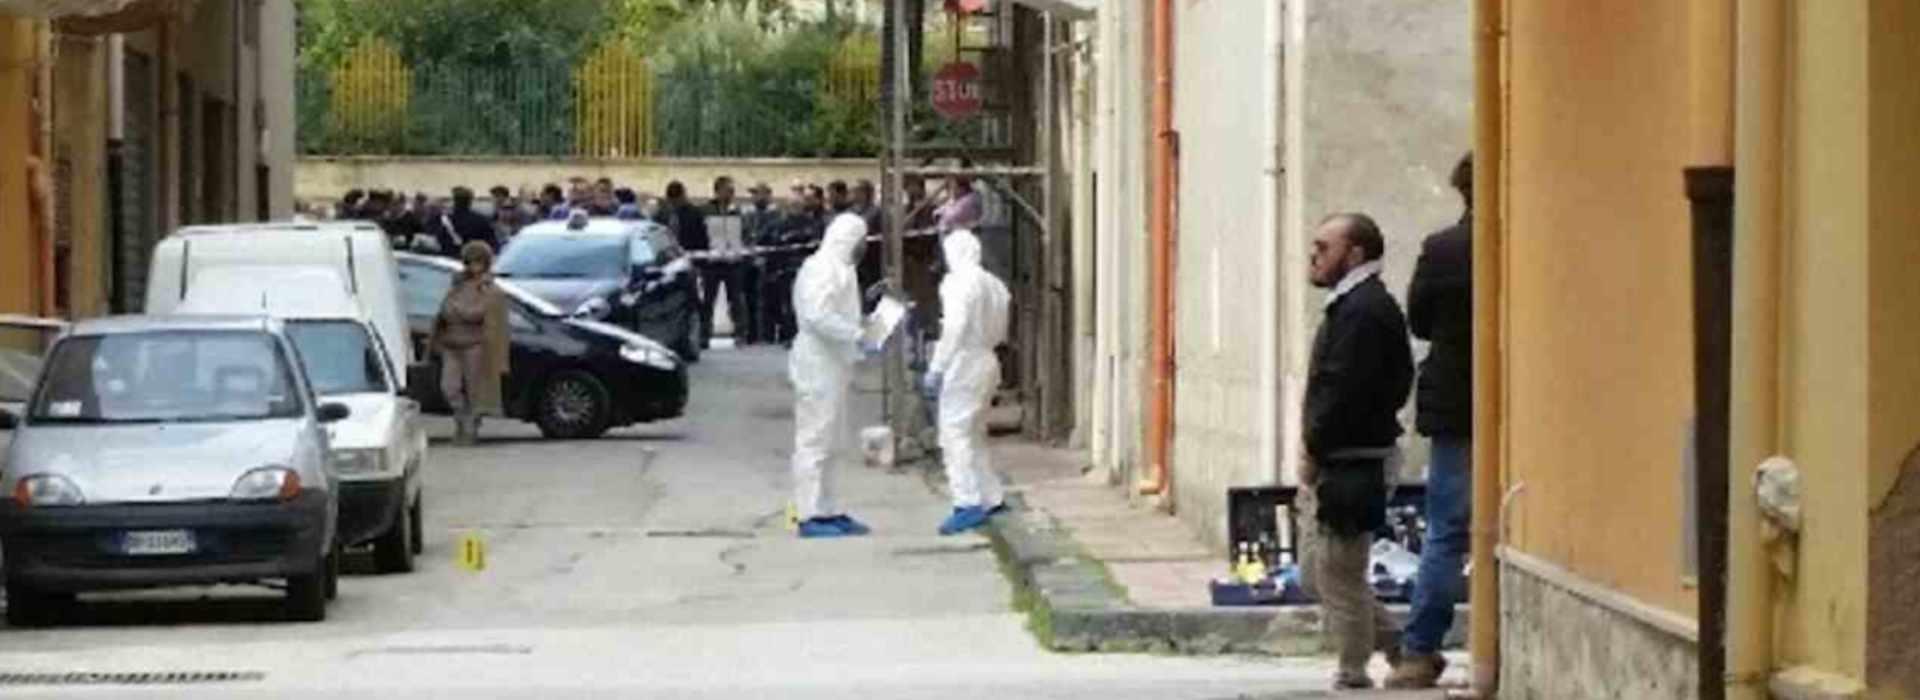 Mafia, la scia di sangue tra Belgio e Sicilia